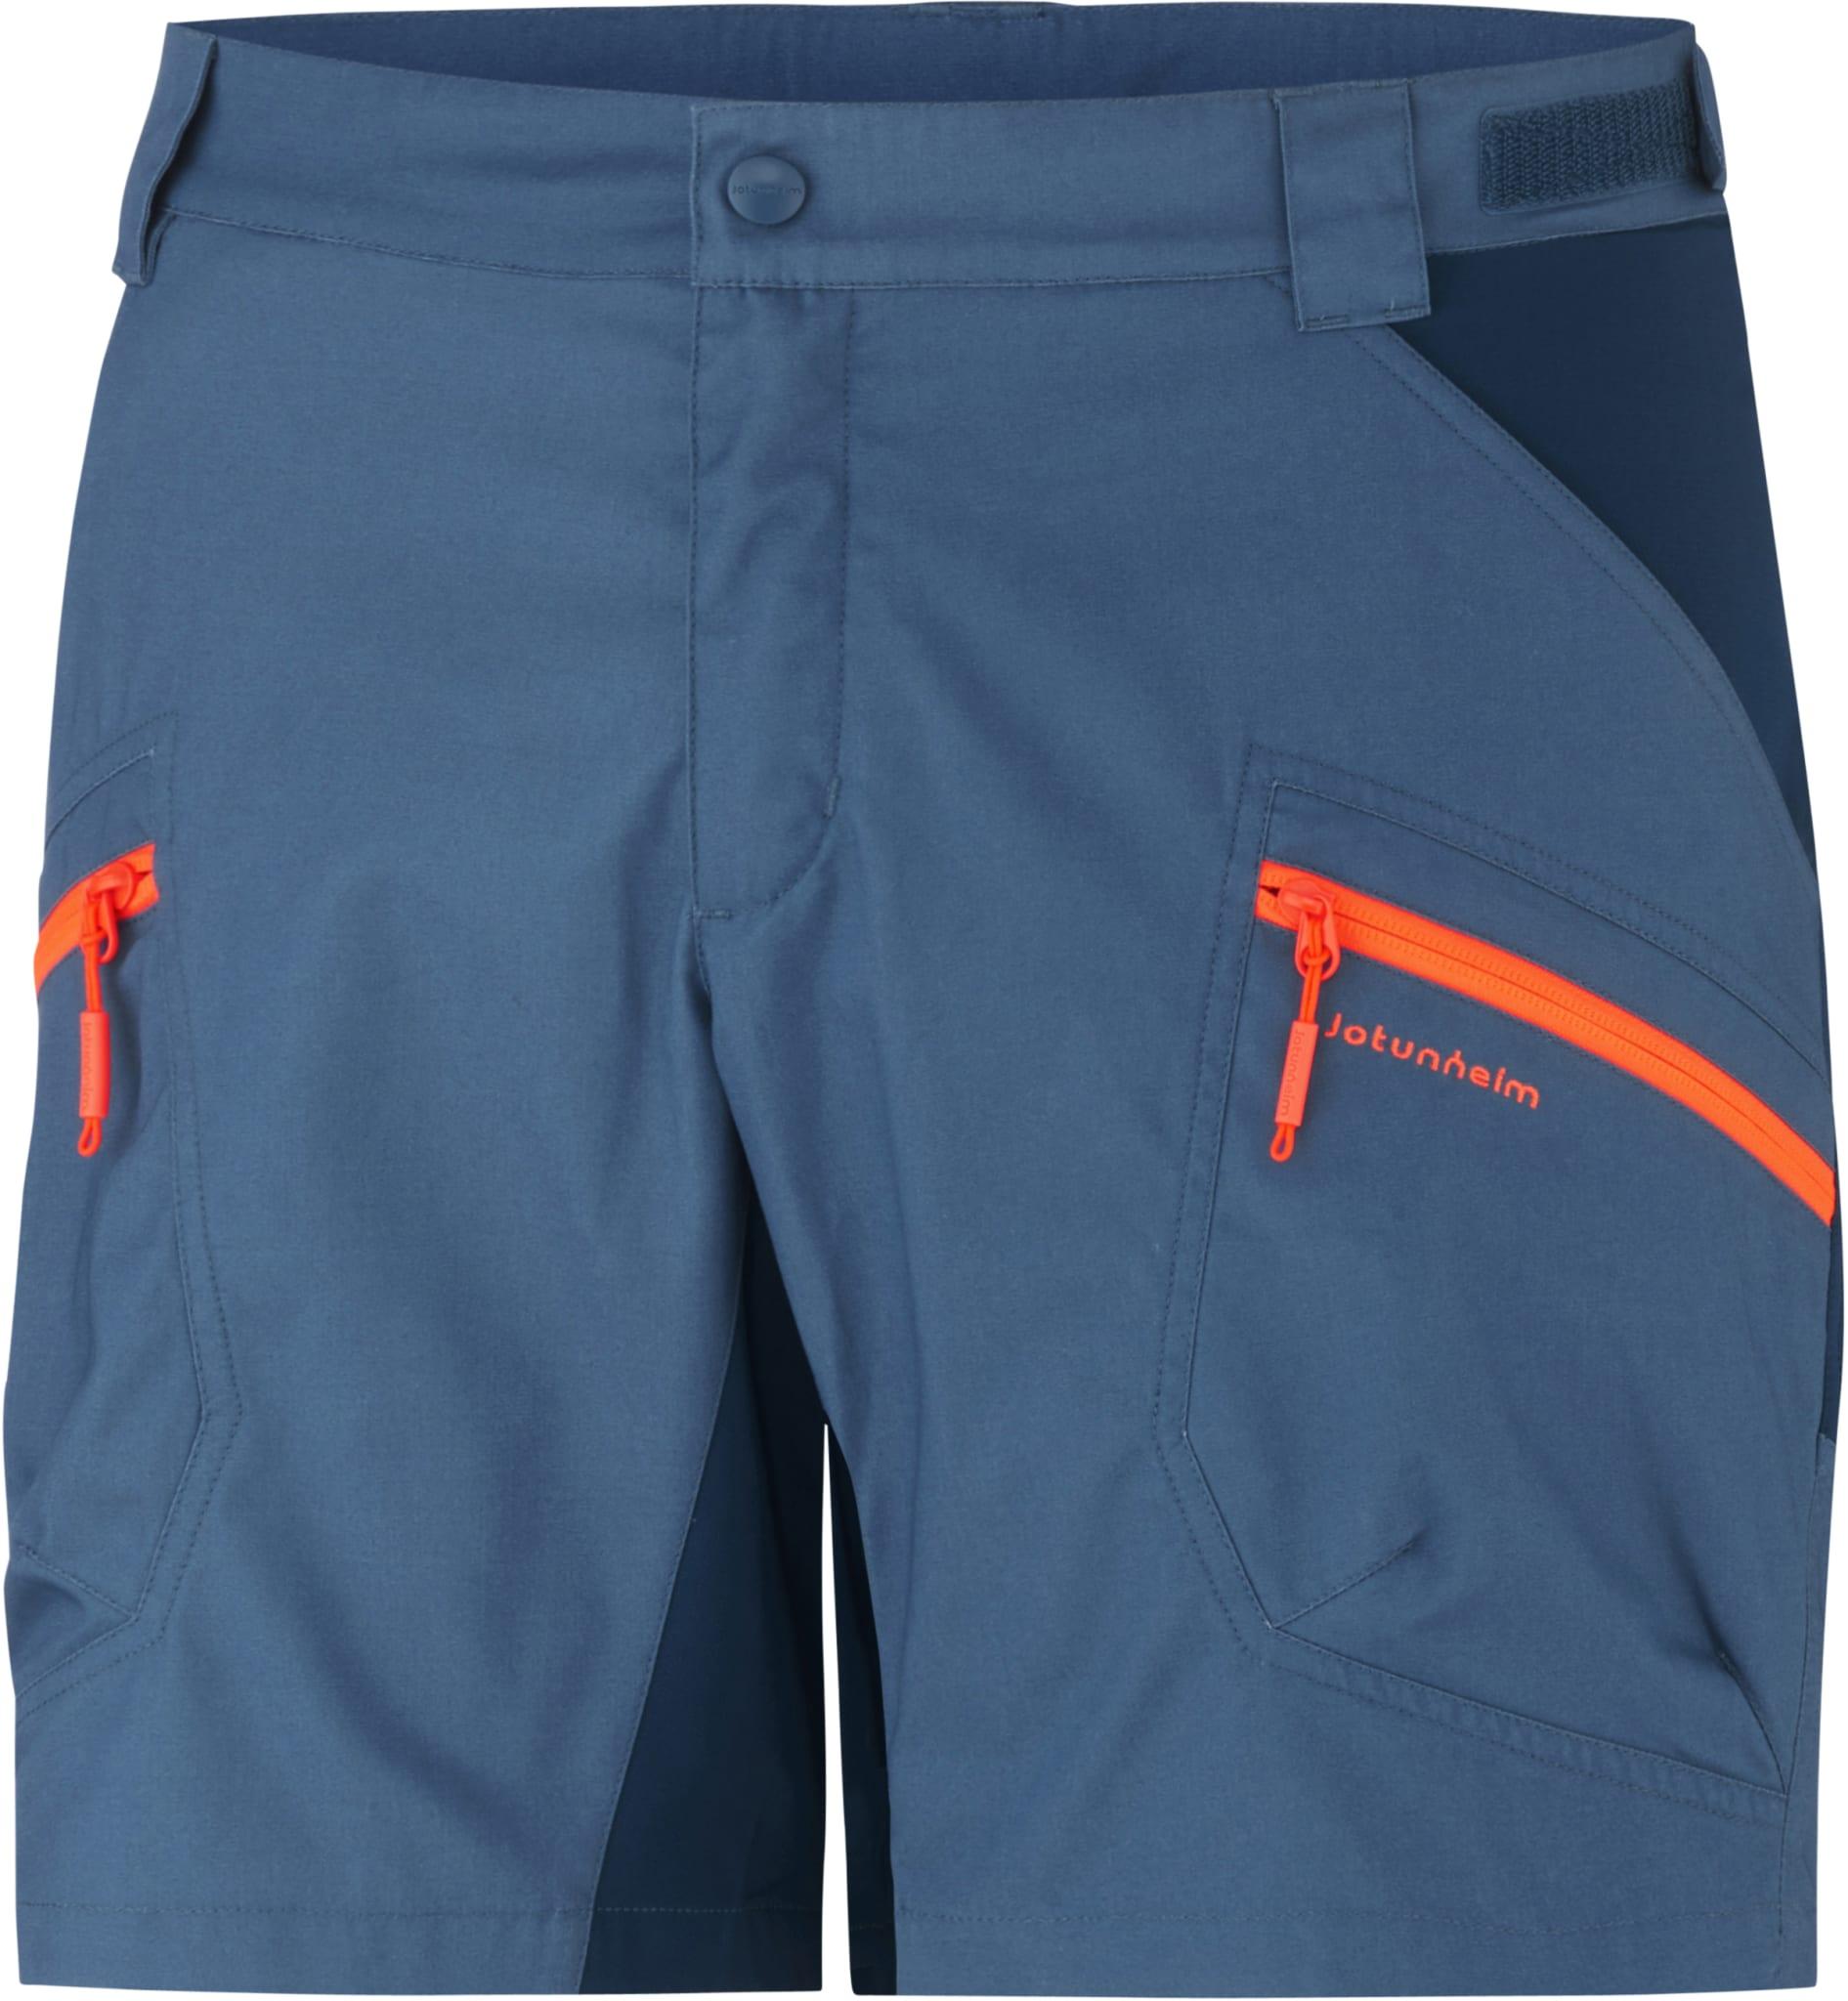 Fossberg shorts